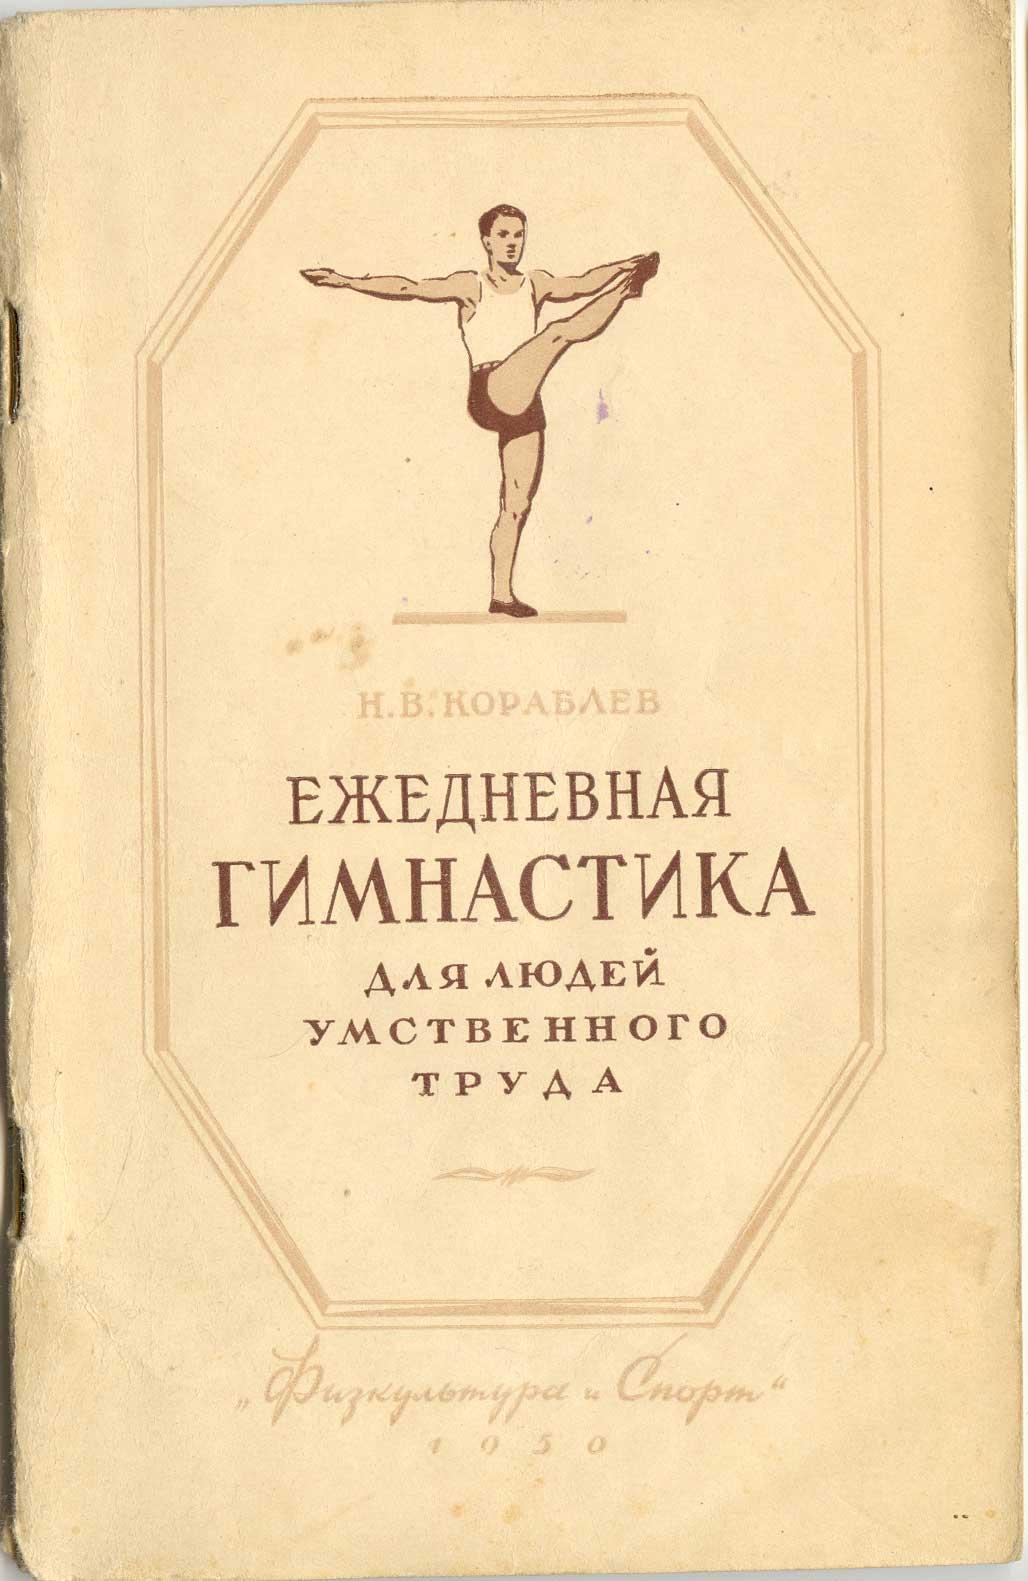 Кораблев Н. - Ежедневная гимнастика для людей умственного труда скачать бесплатно